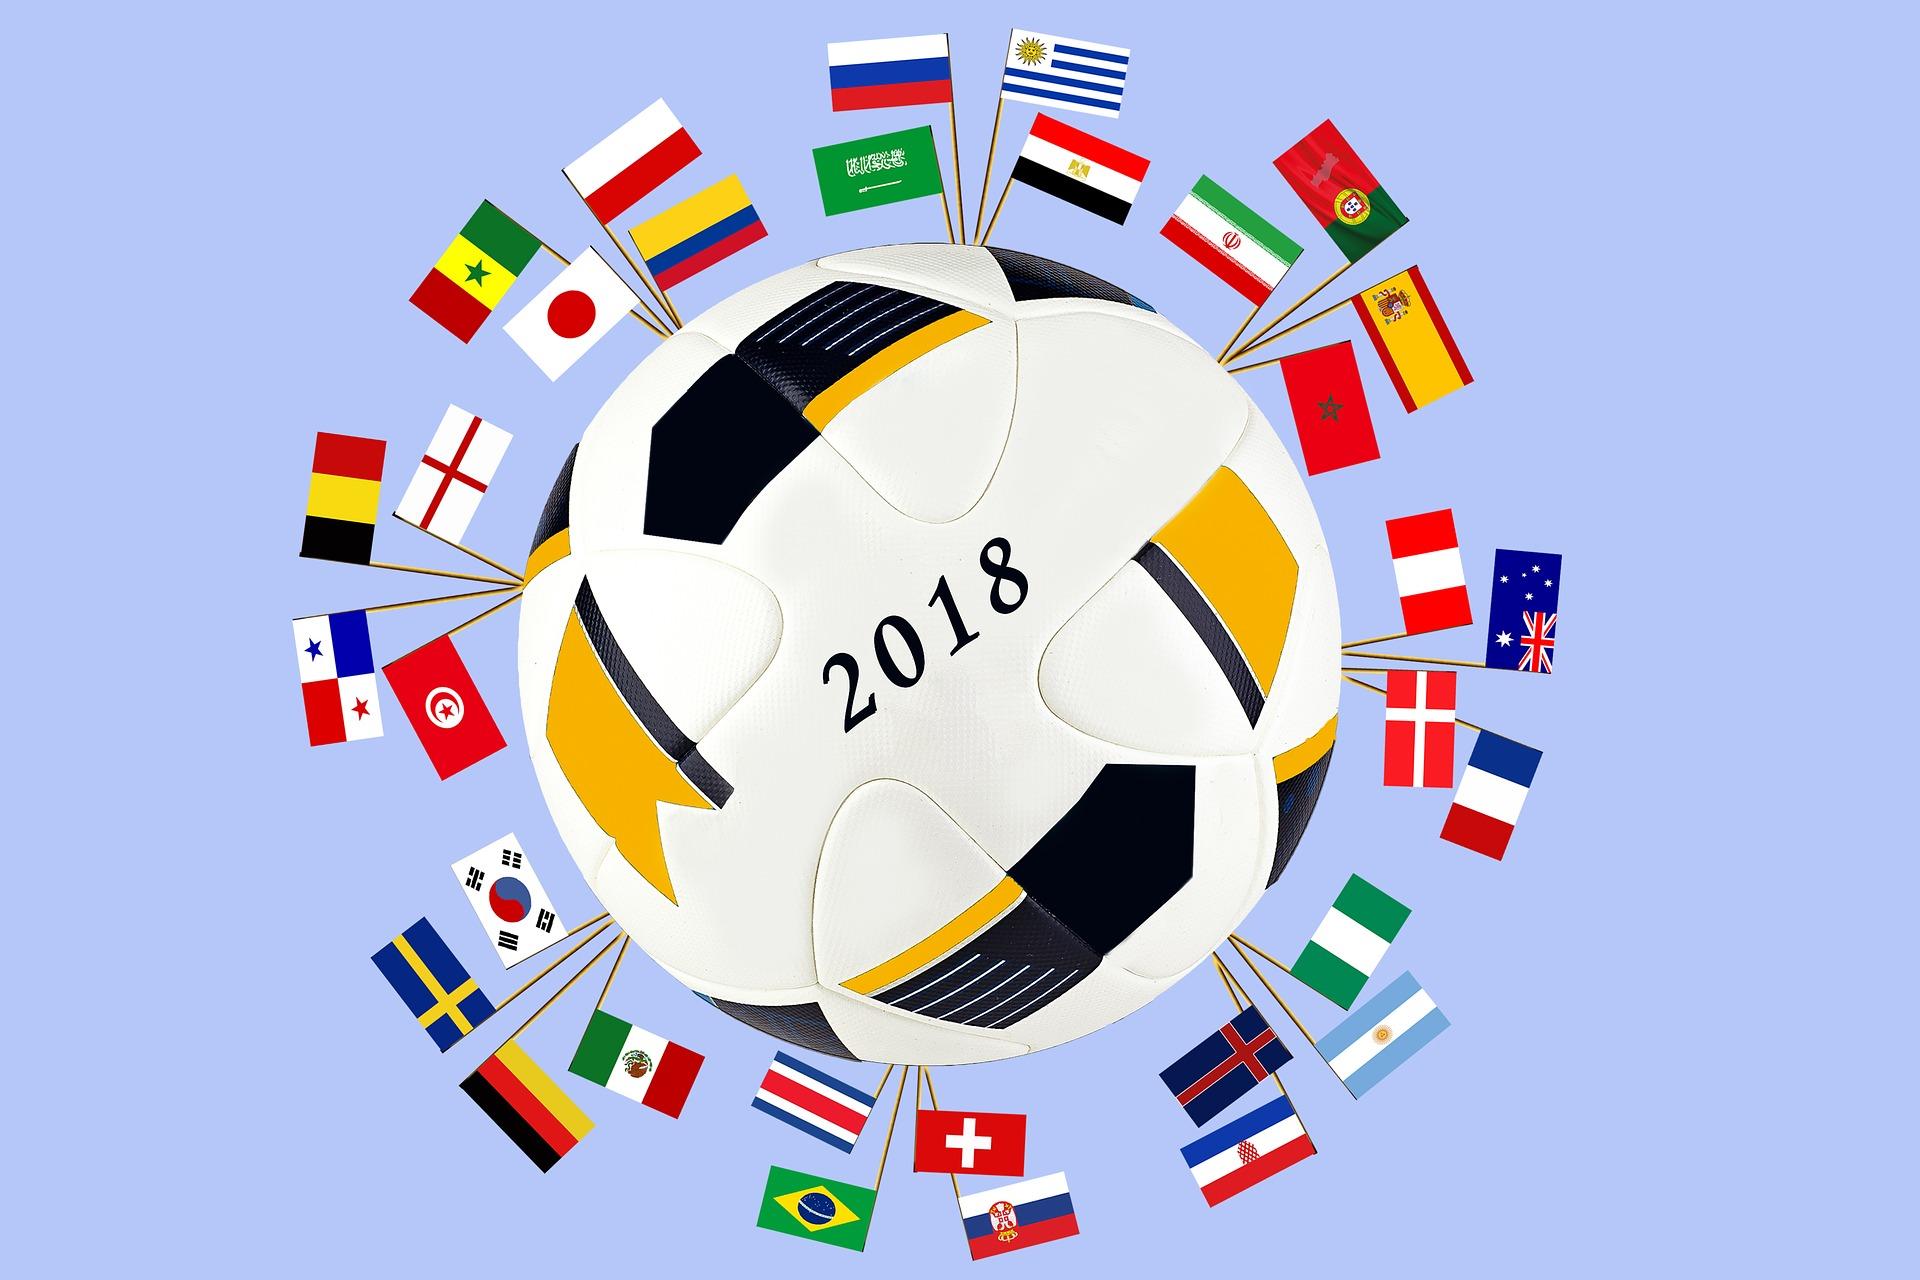 サッカーワールドカップのイメージ画像